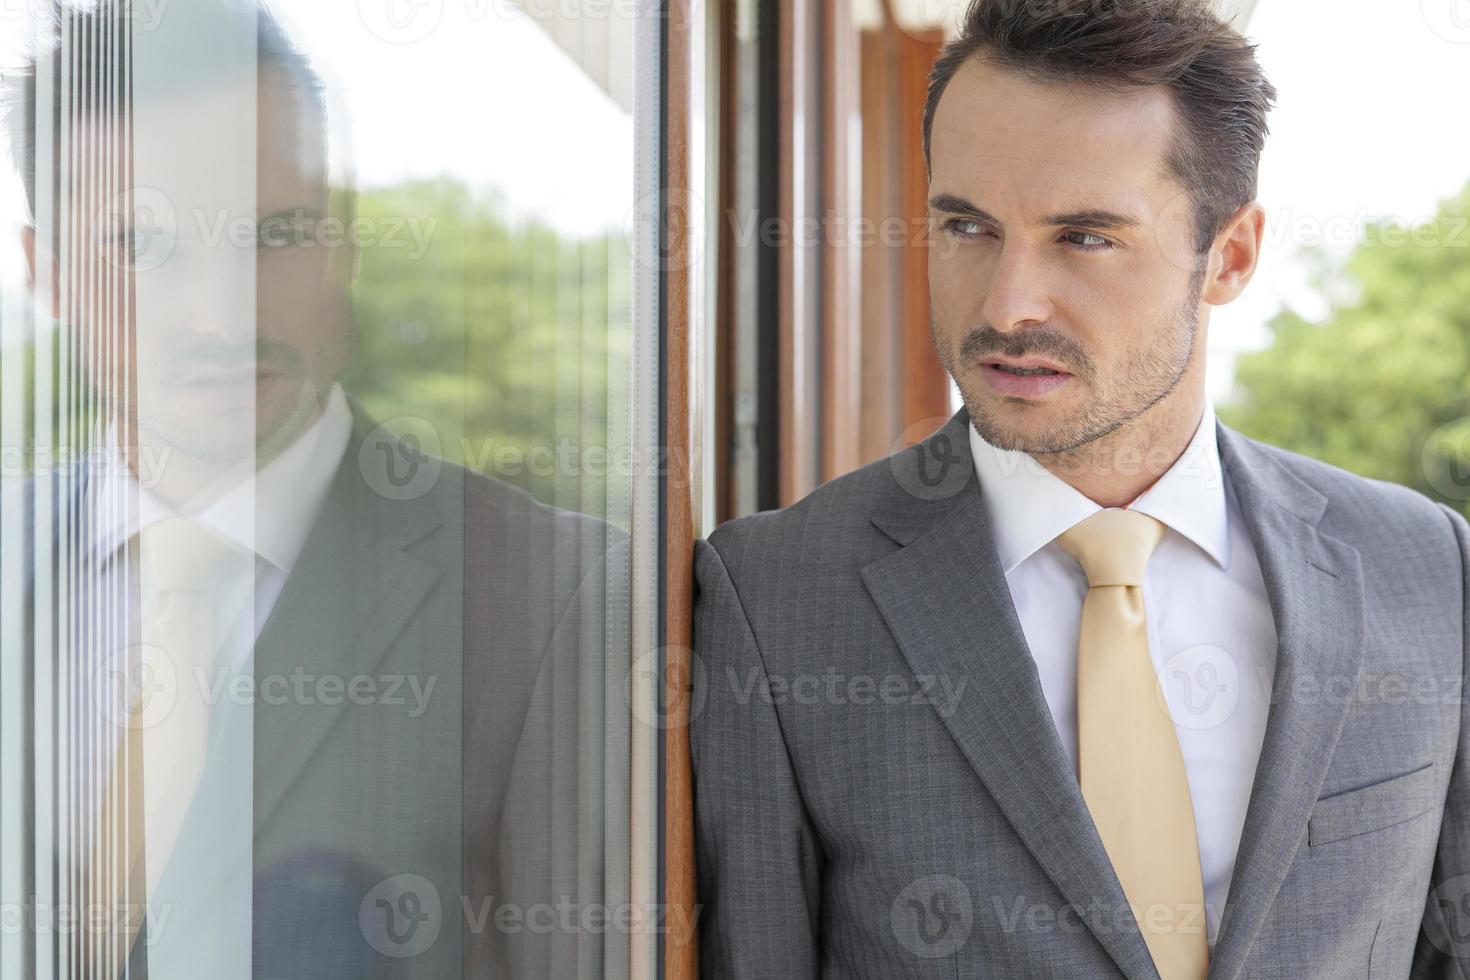 empresário, olhando para longe enquanto encostado na porta de vidro foto